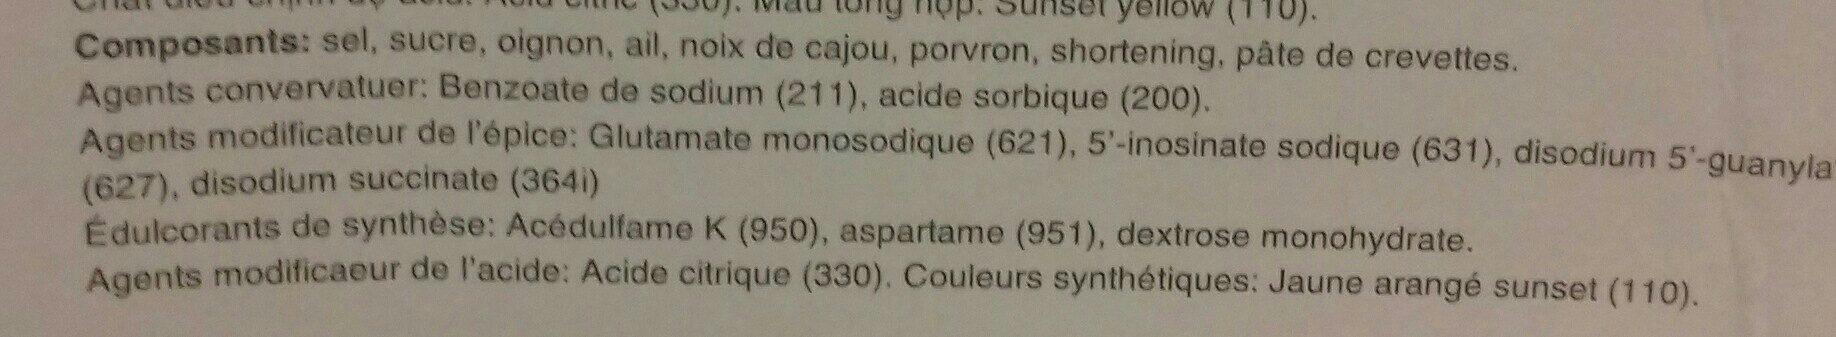 Bouillon pour bun bon hue - Ingrediënten - fr